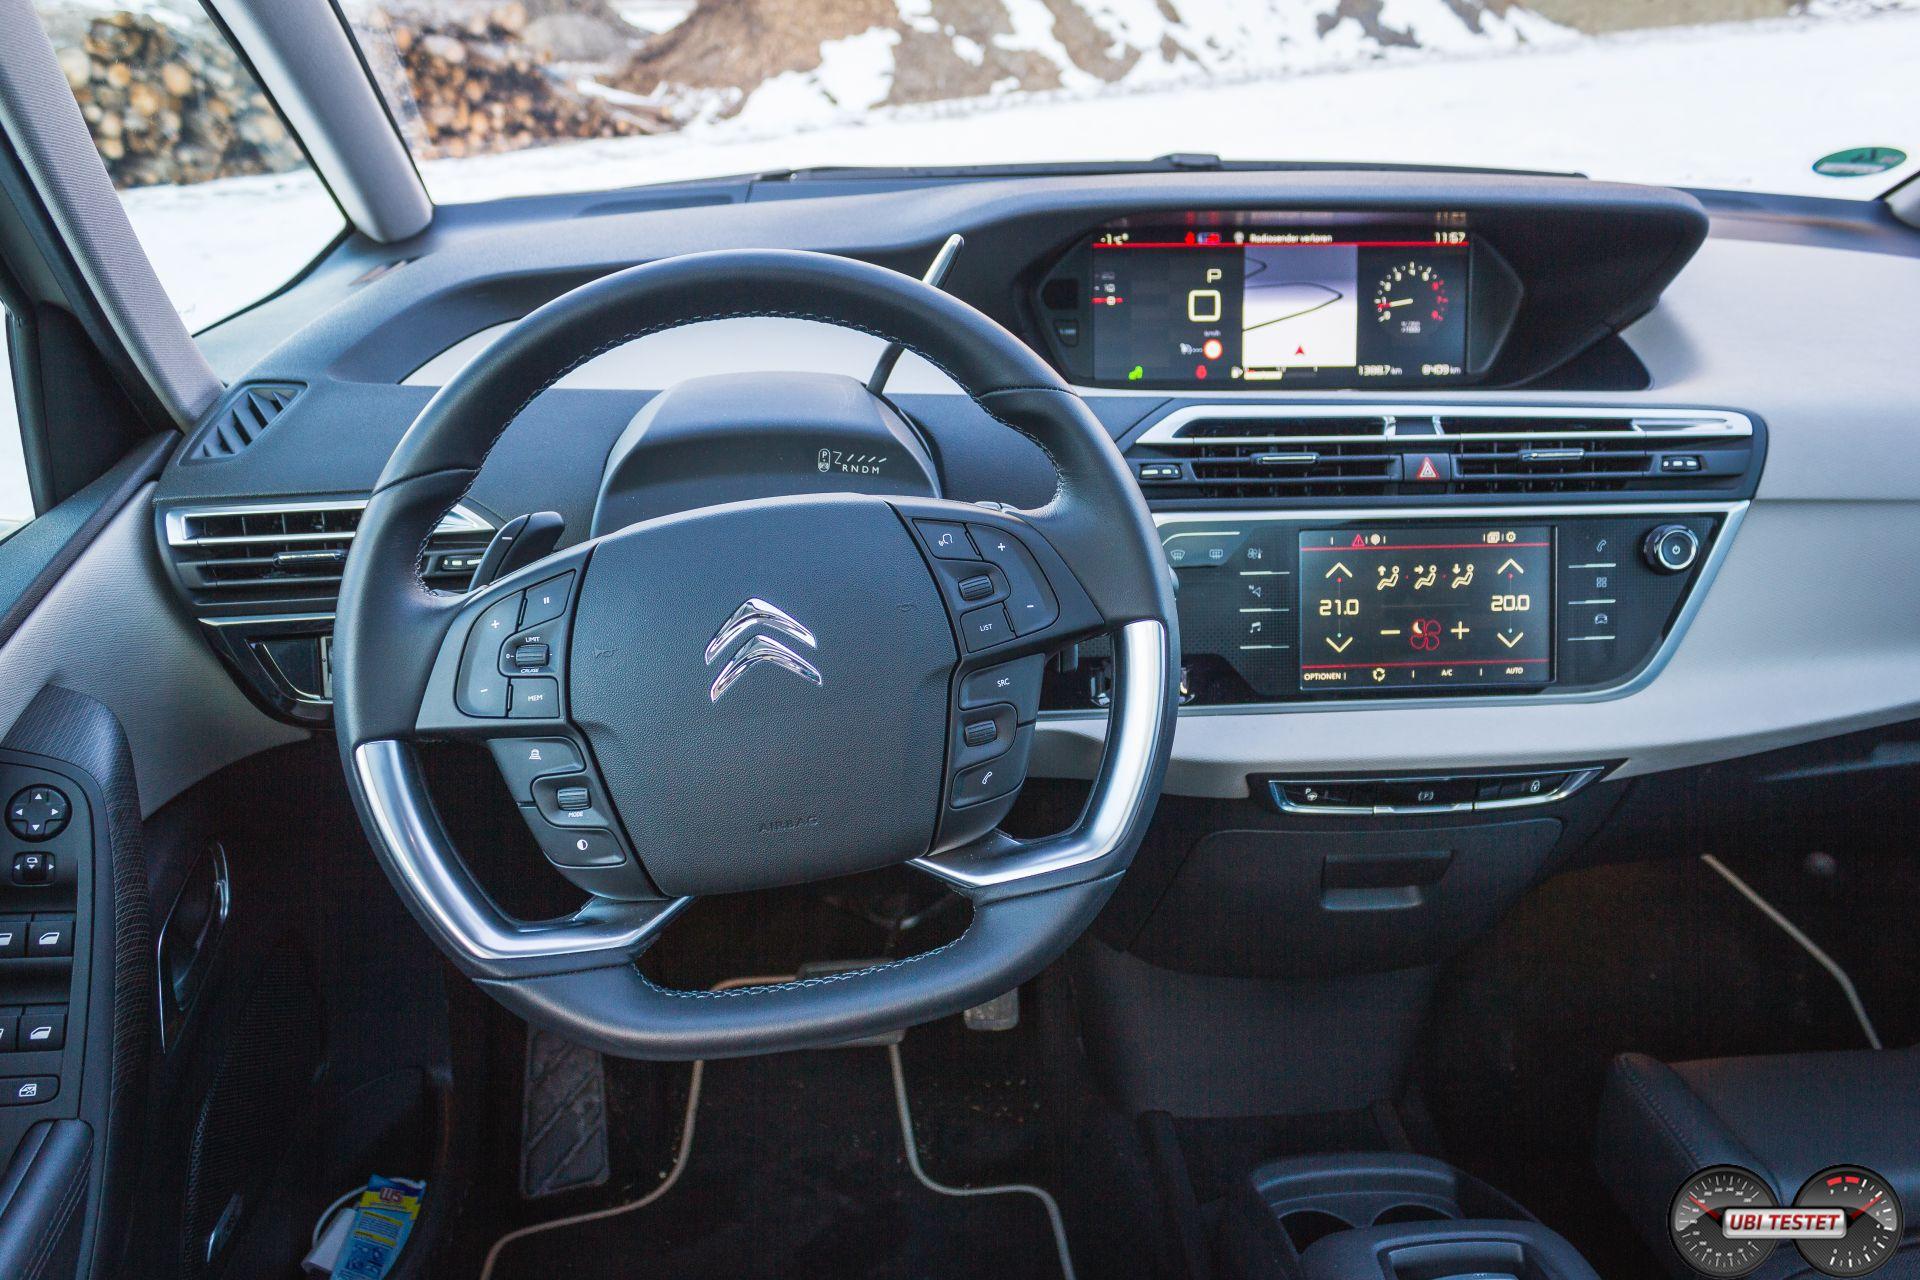 Citroën C4 Picasso Cockpit